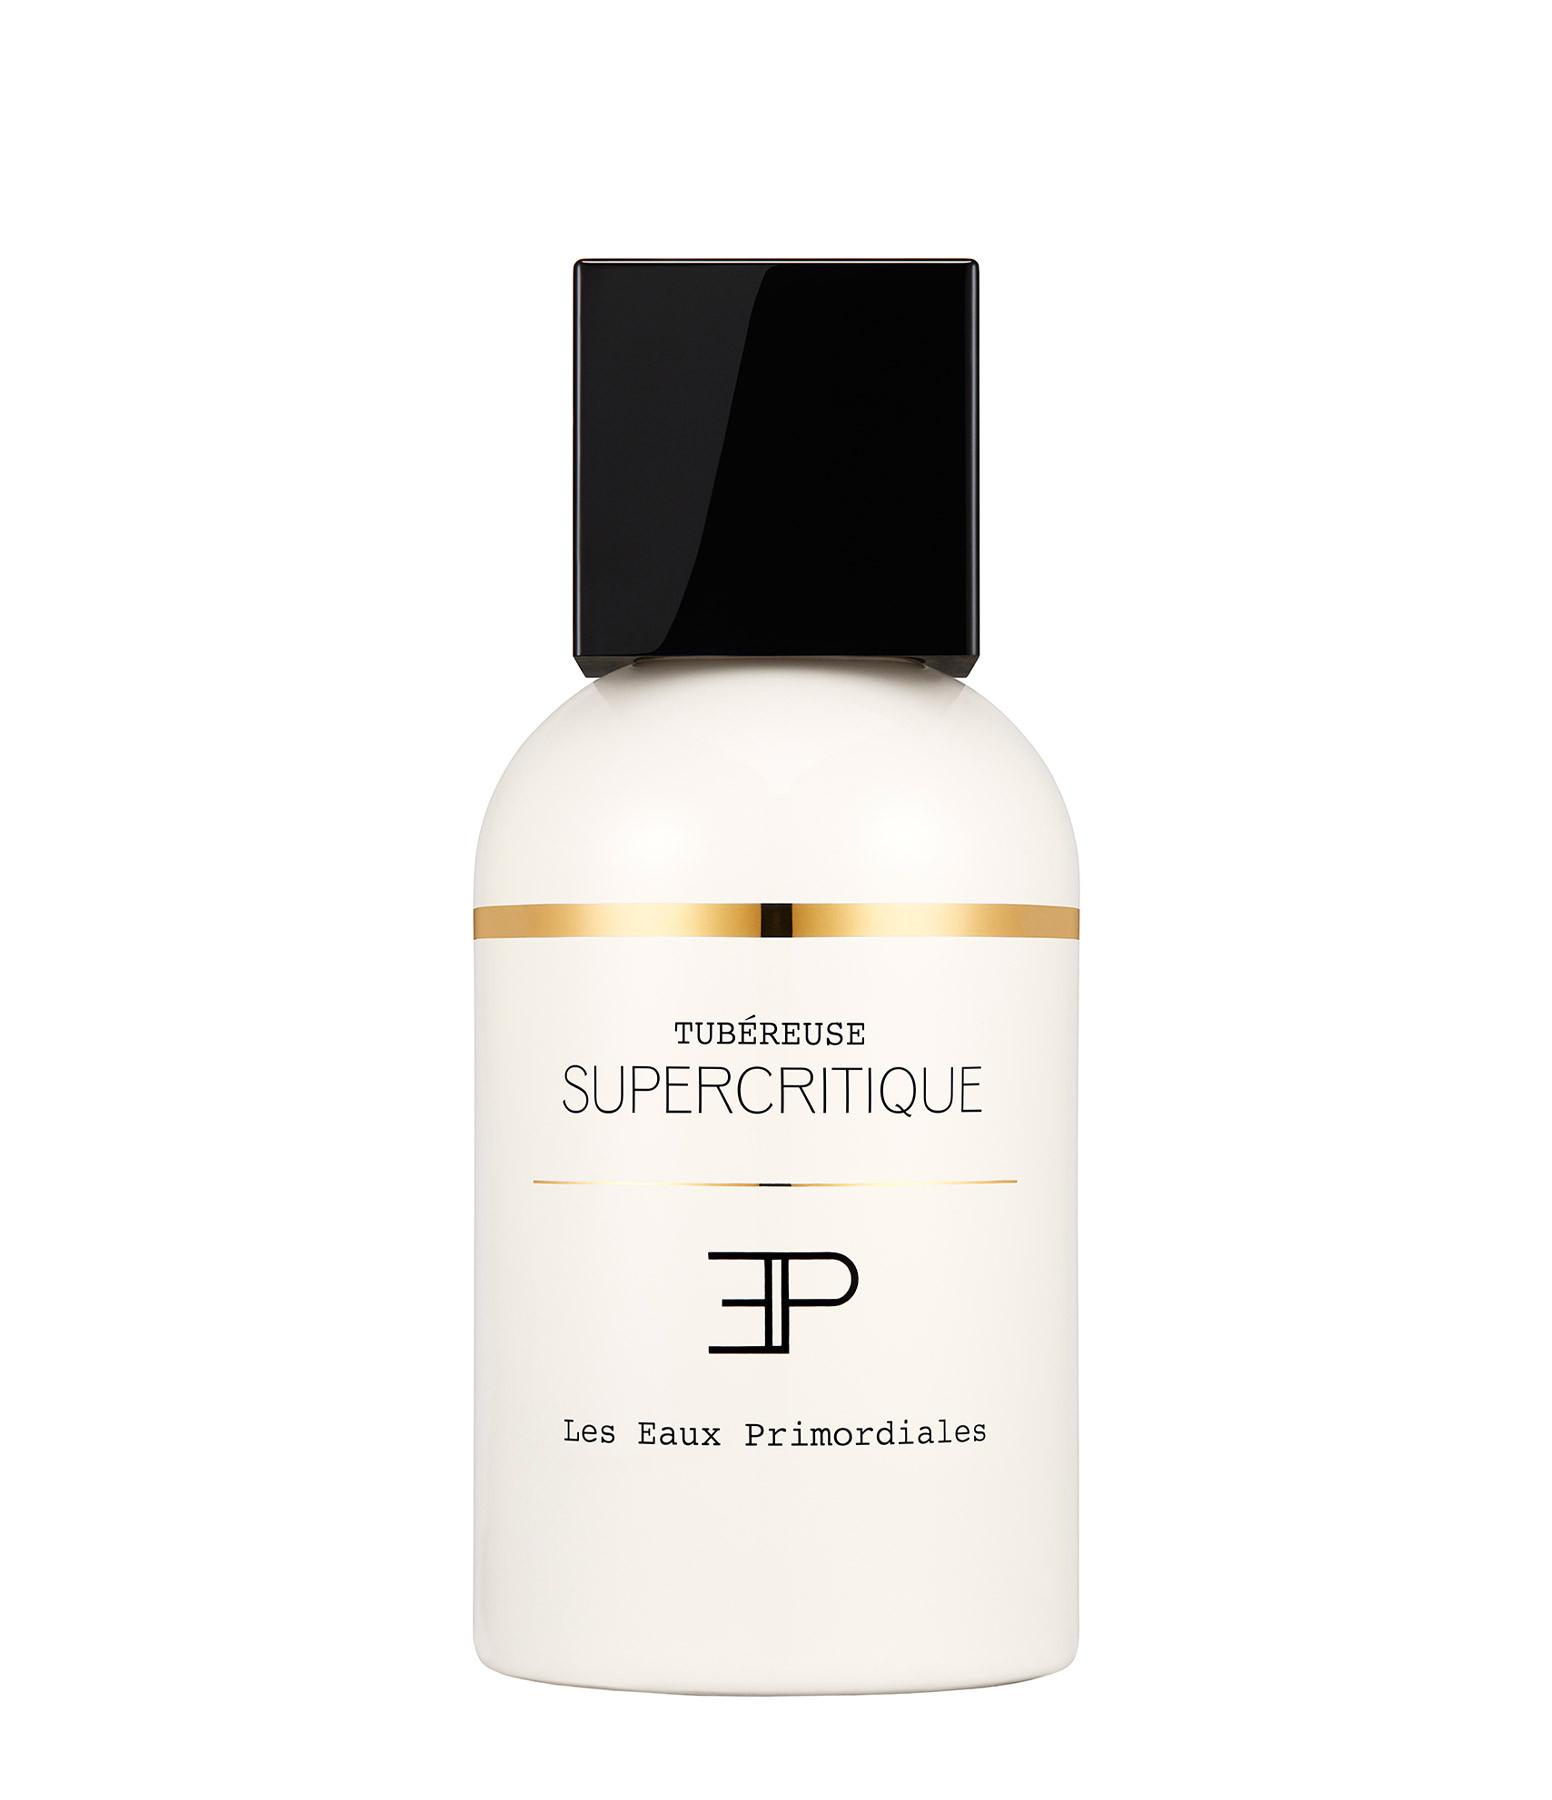 LES EAUX PRIMORDIALES - Eau de Parfum Supercritique Tubéreuse 100 ml